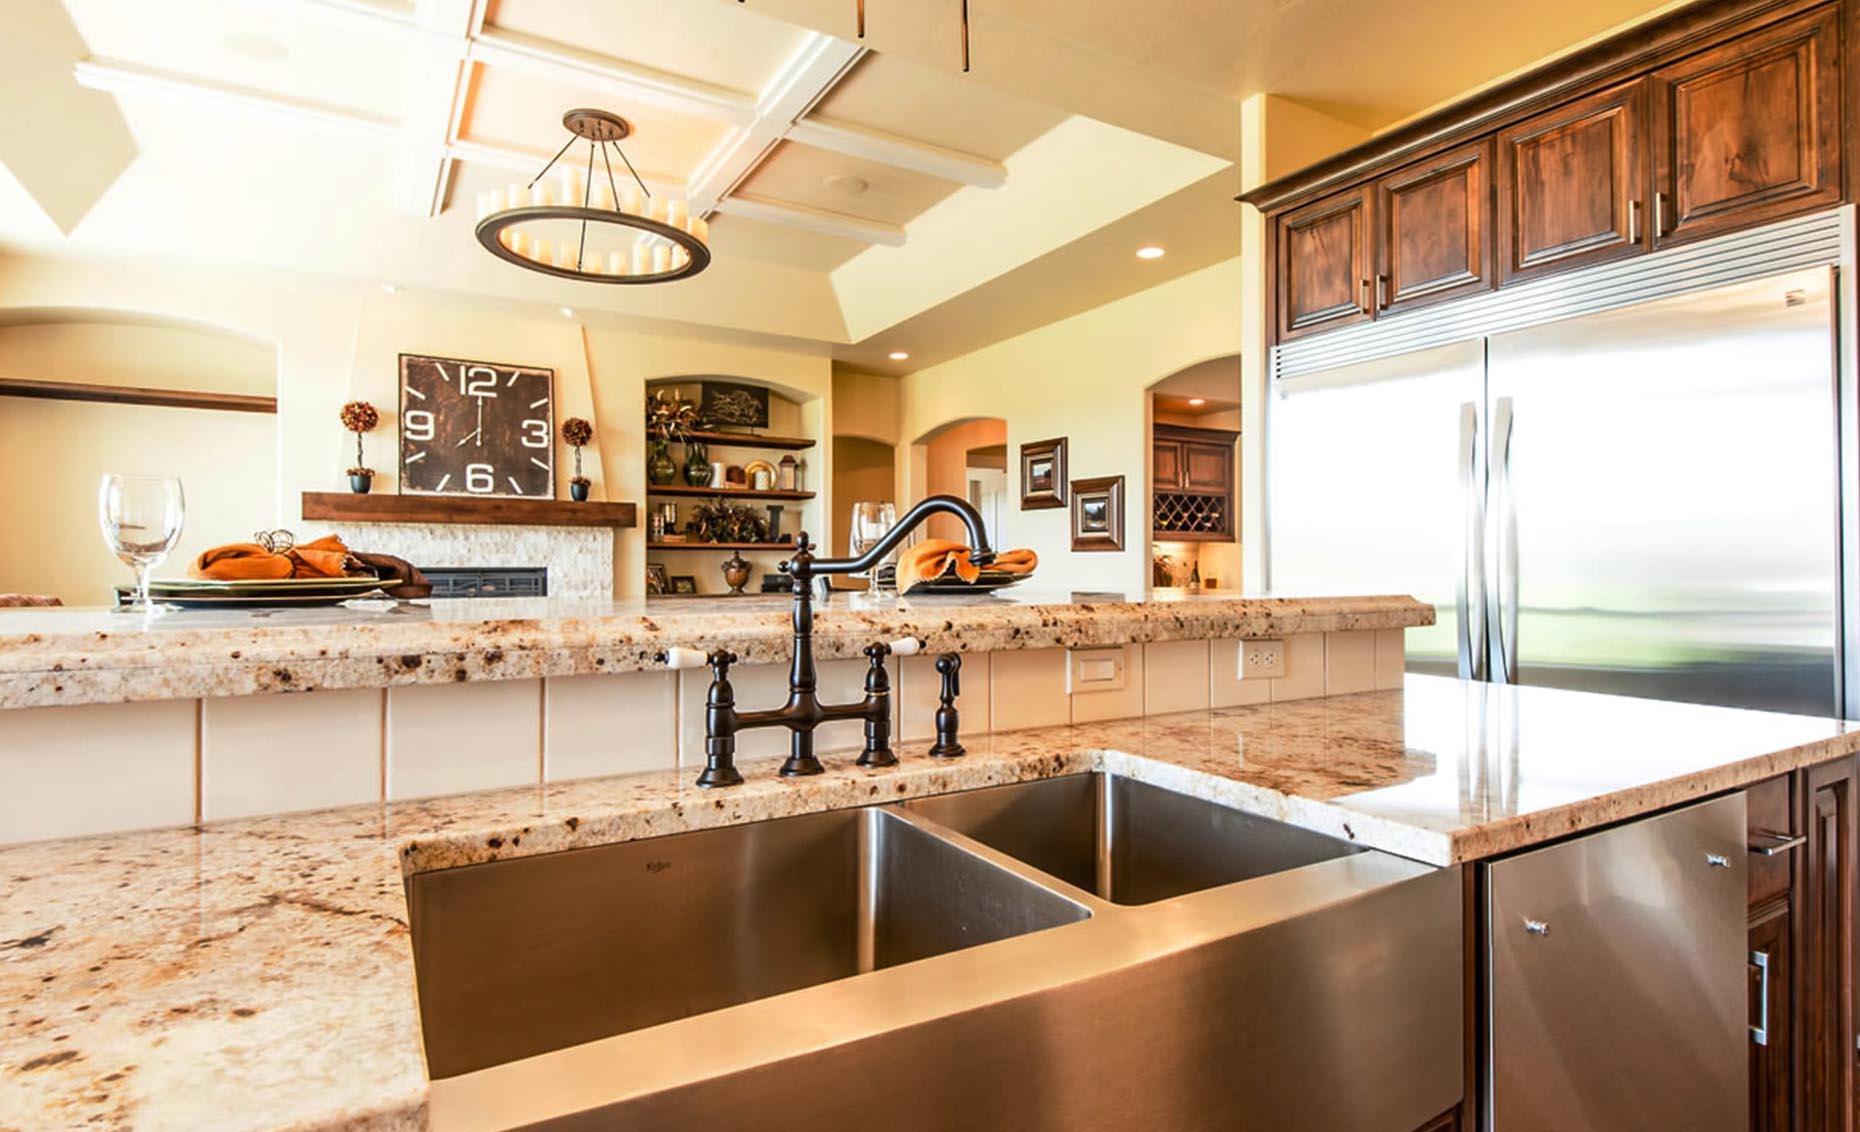 The Villa House Kitchen Island Sink